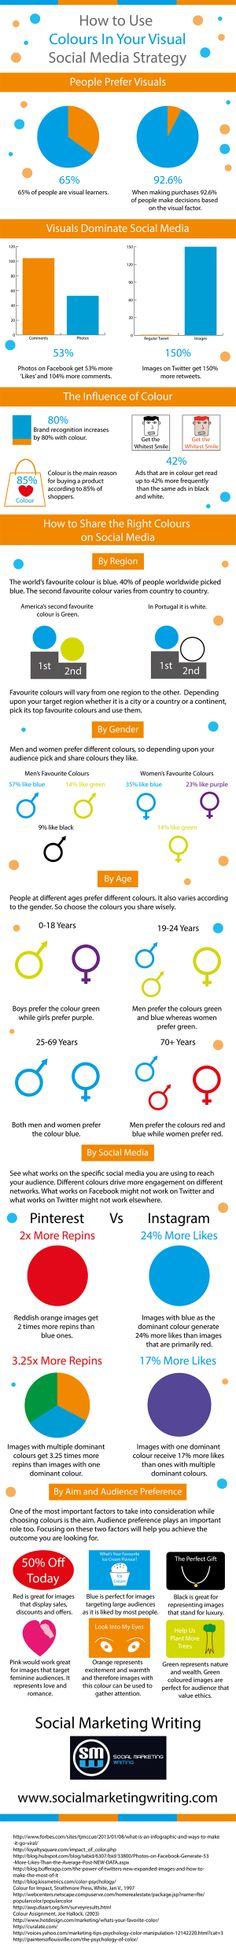 La influencia del color en la estrategia de social media marketing